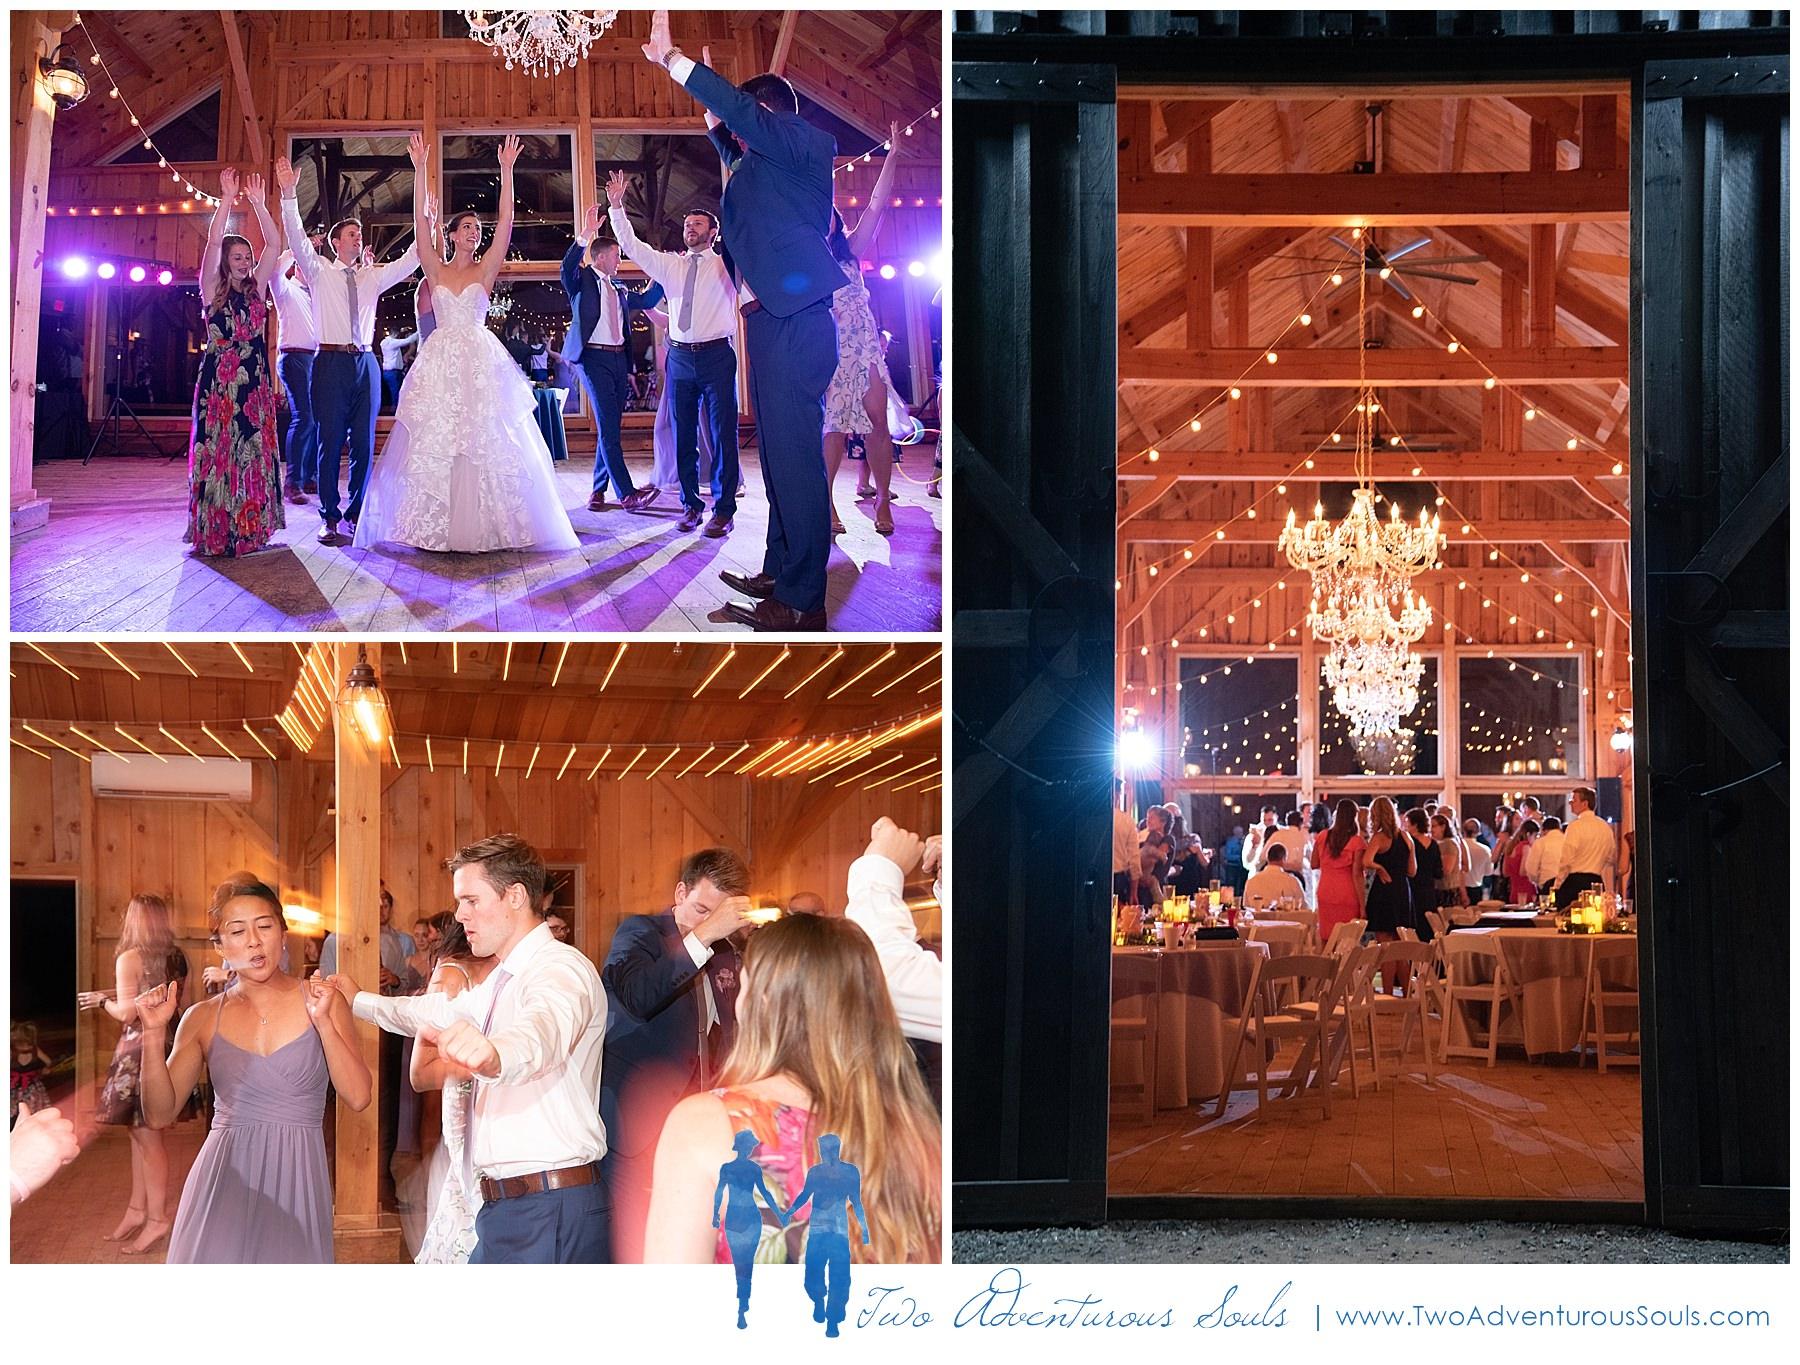 Maine Wedding Photographers, Granite Ridge Estate Wedding Photographers, Two Adventurous Souls - 080319_0074.jpg